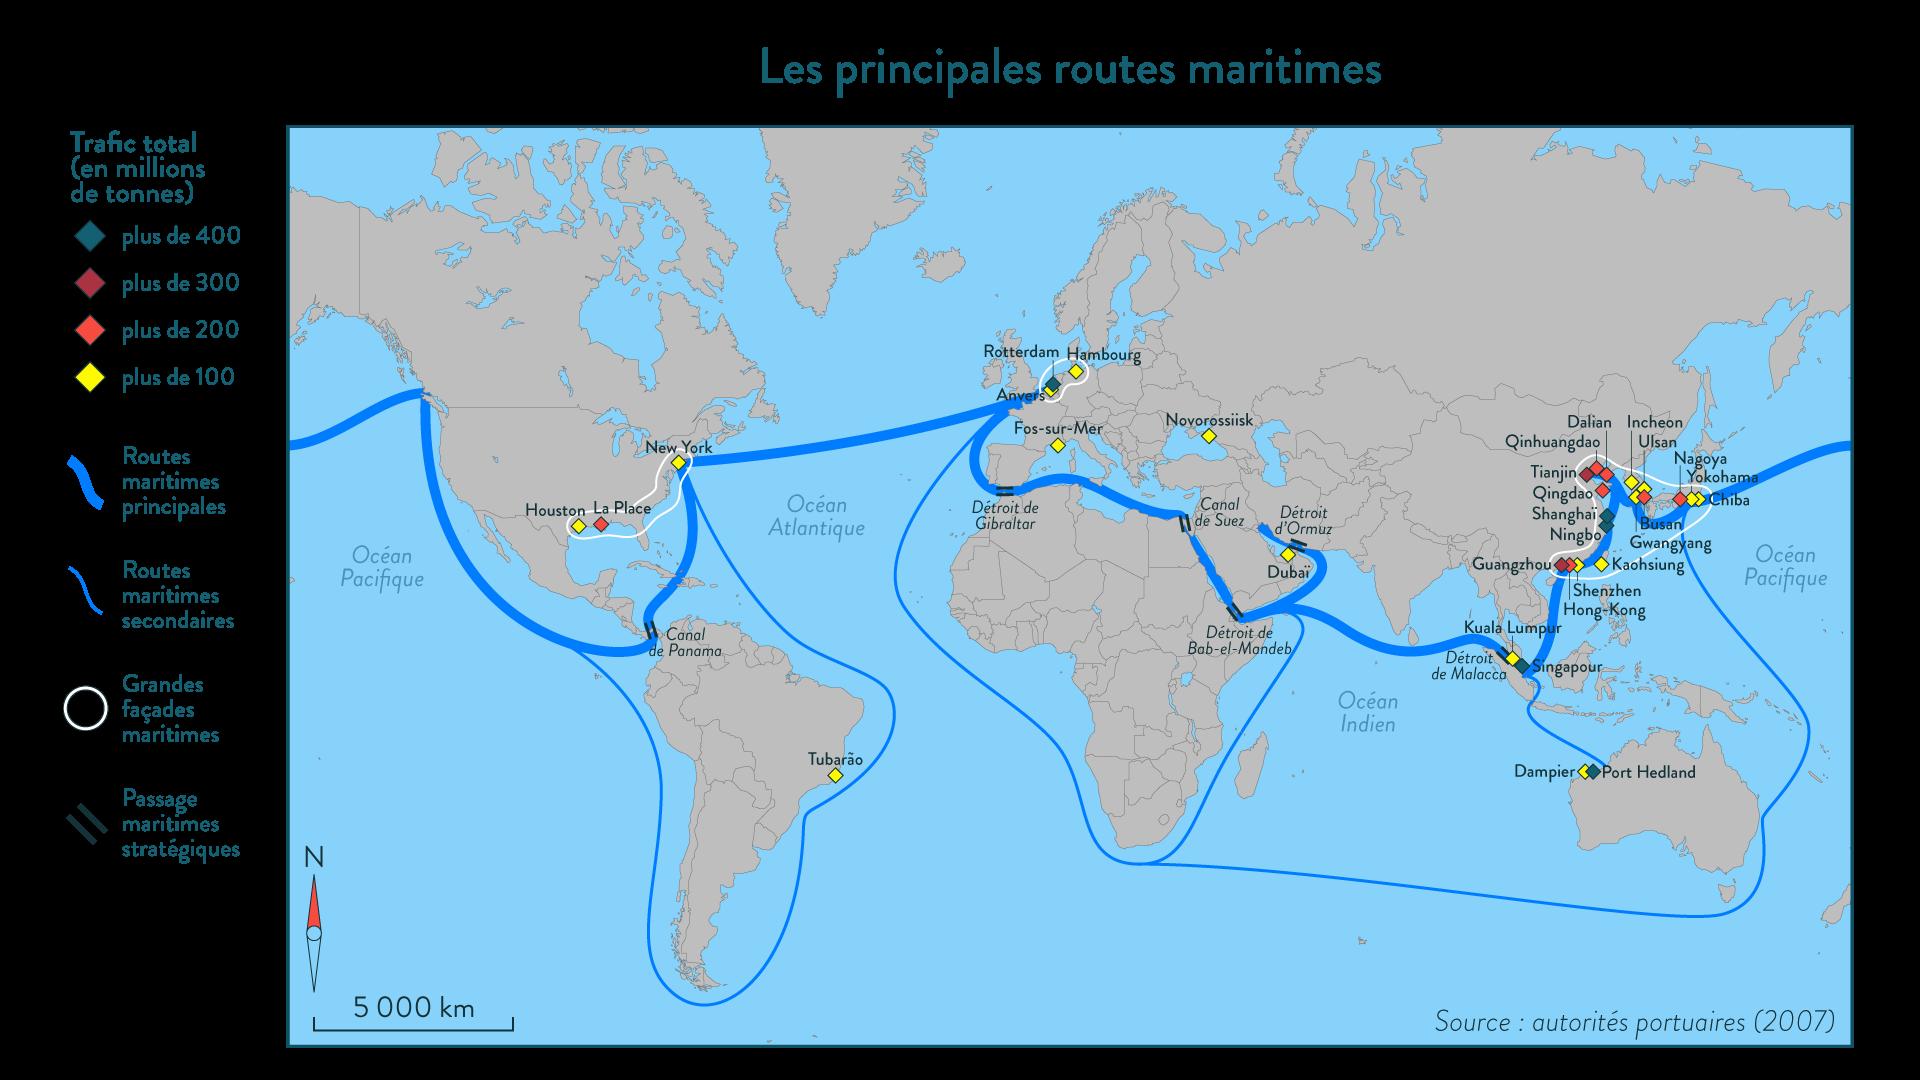 Les principales routes maritimes